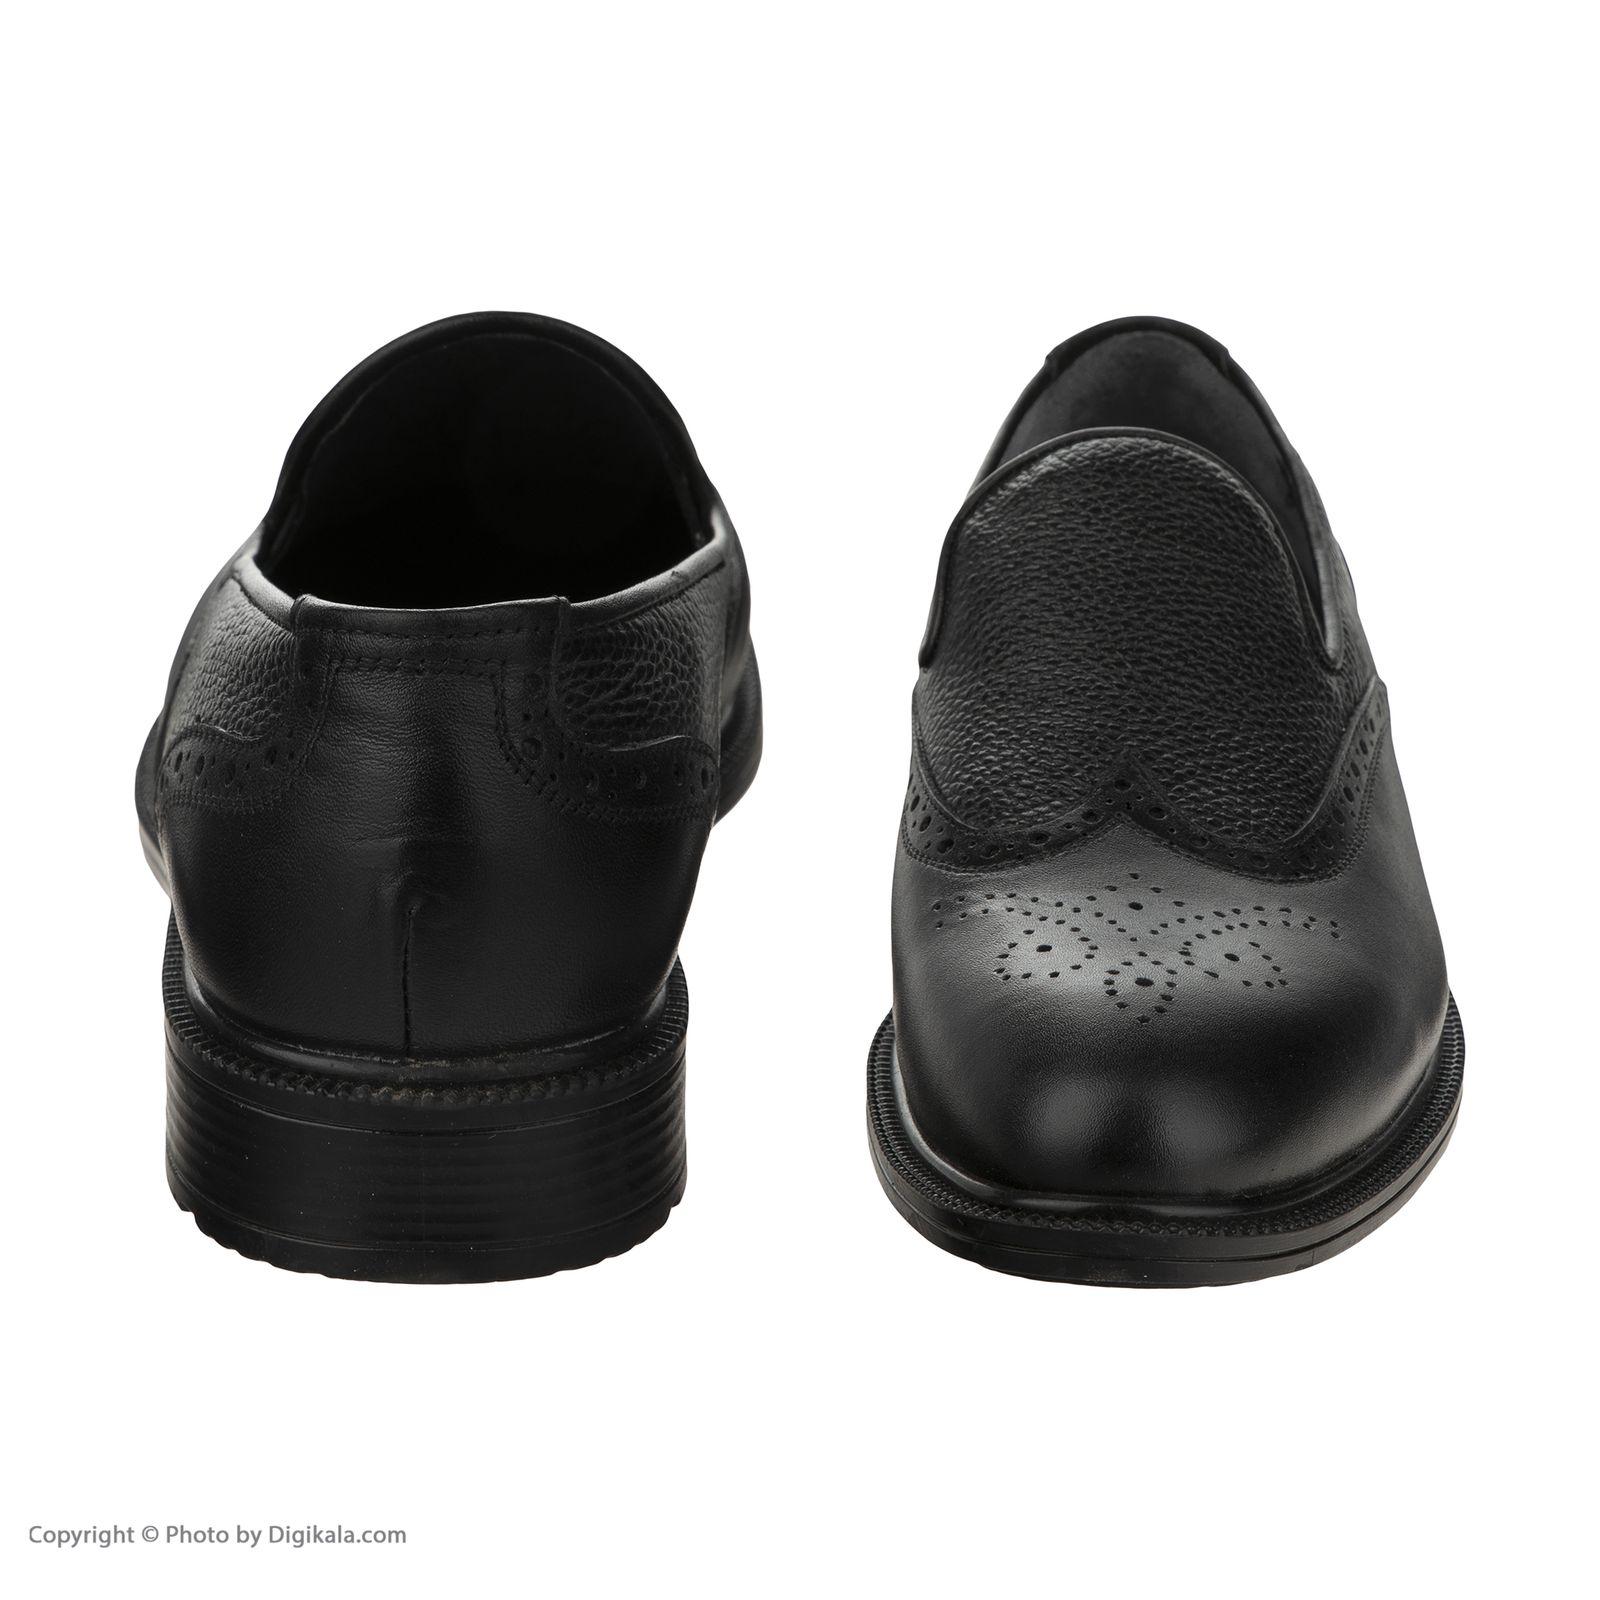 کفش مردانه بلوط مدل 7295A503101 -  - 5